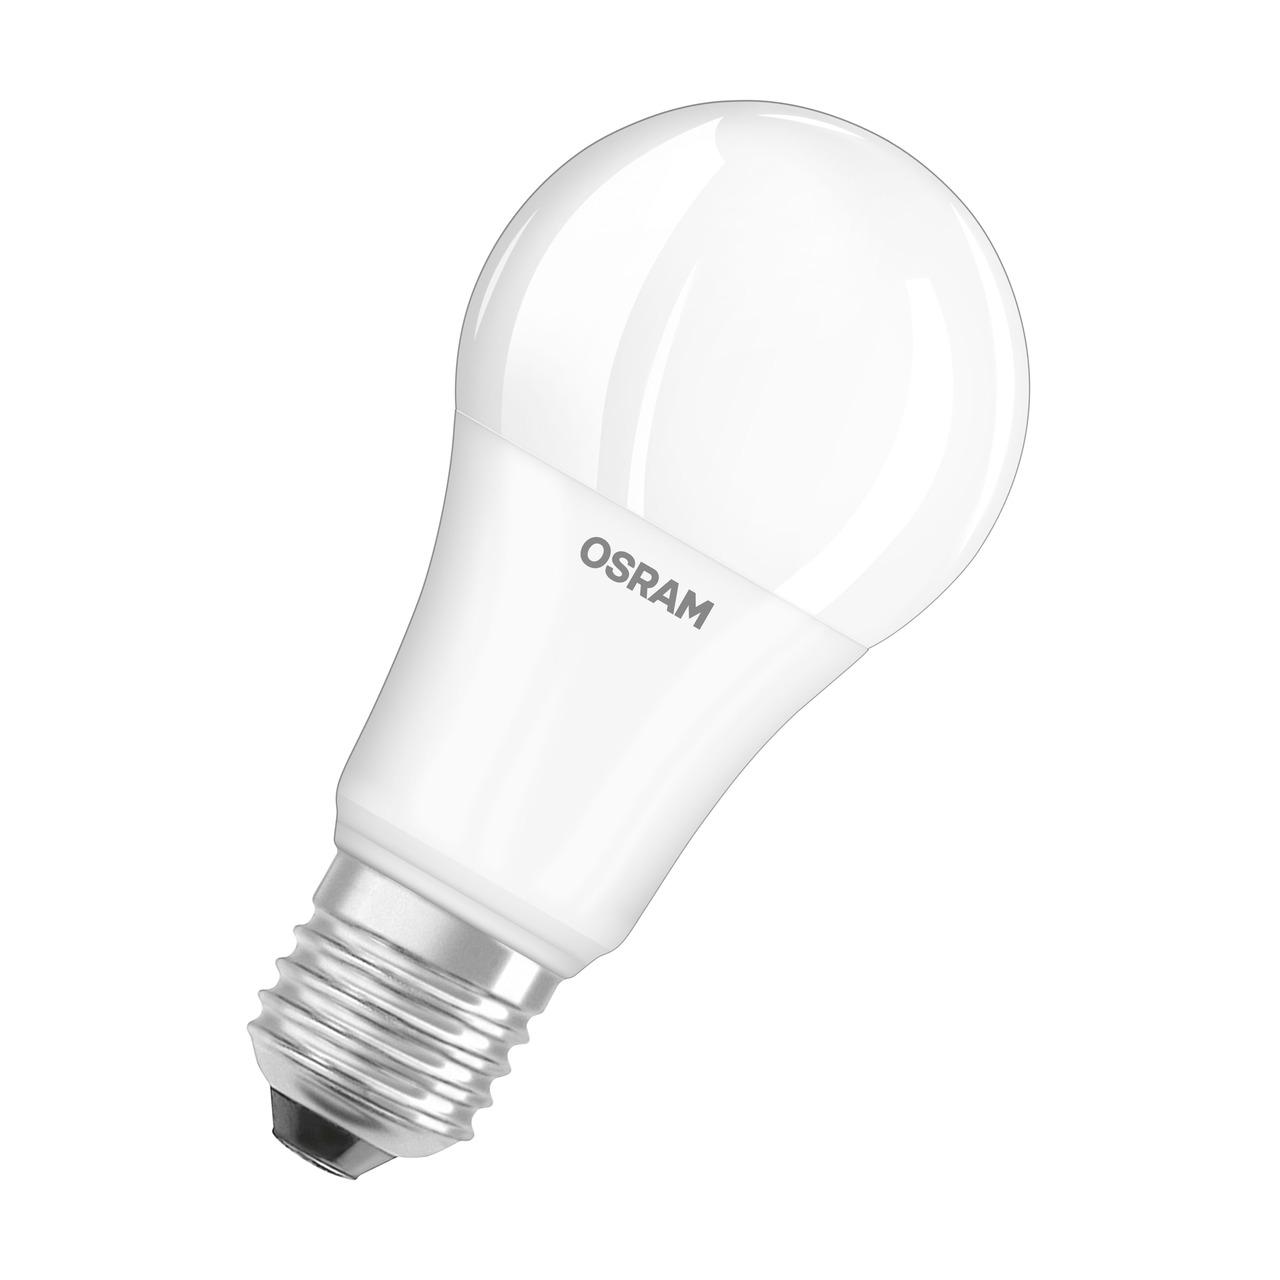 OSRAM 13-W-LED-Lampe A60- E27- 1521 lm- kaltweiss- matt